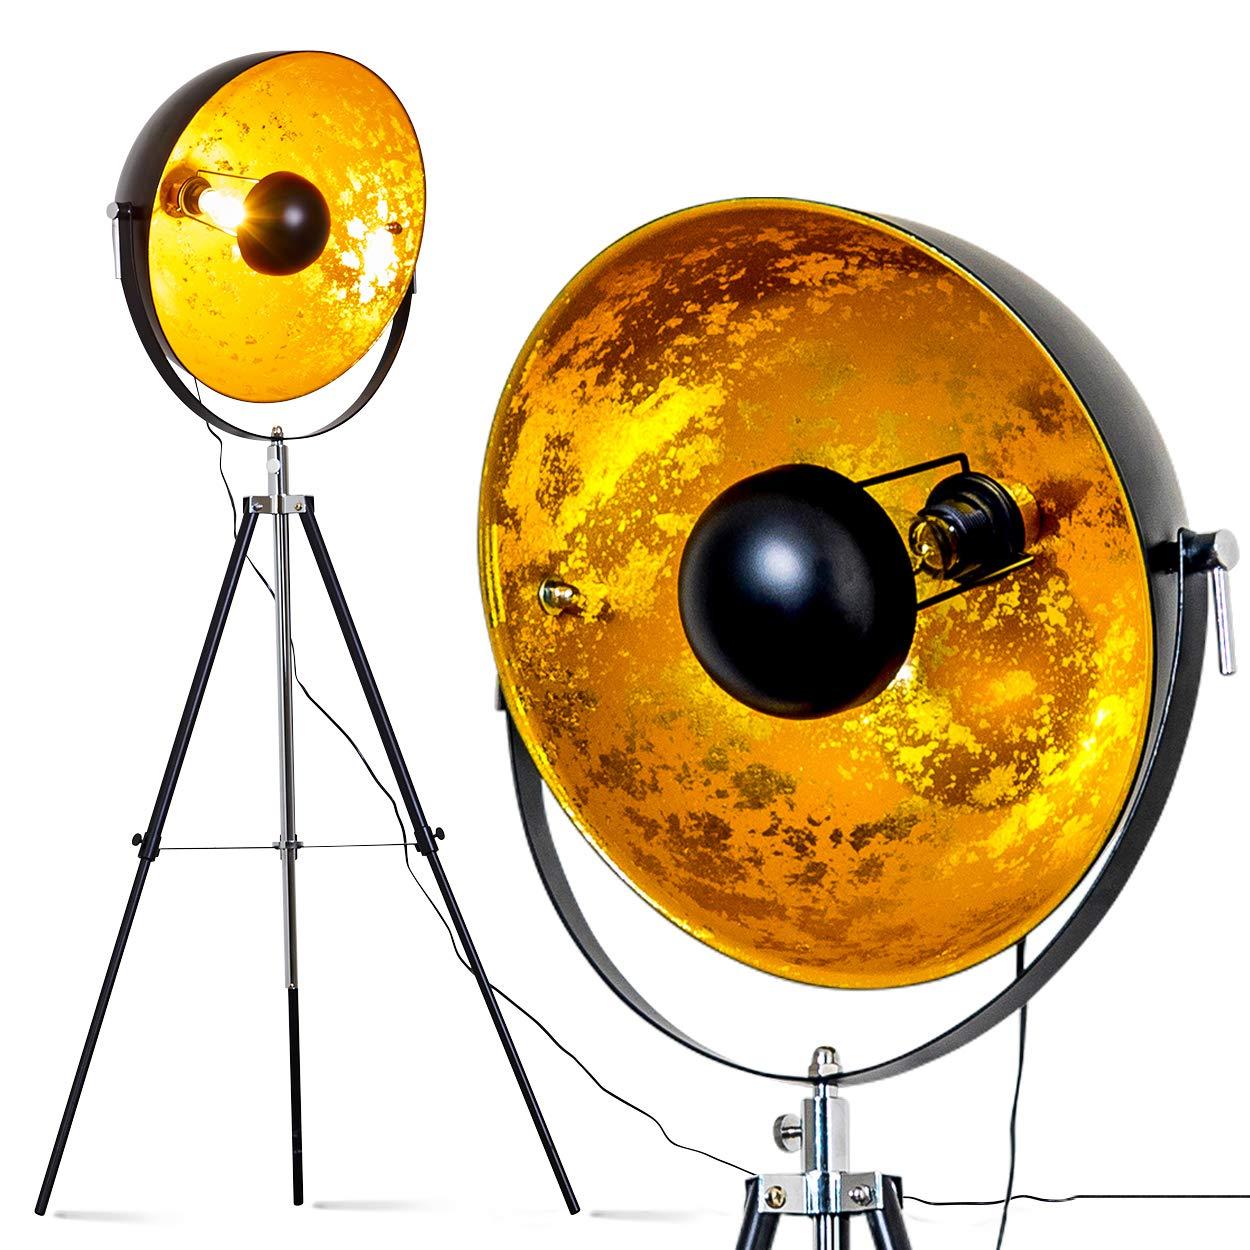 lampe sur pied projecteur saturn xxl lampadaire tr pied en m tal noir avec coupole dor e. Black Bedroom Furniture Sets. Home Design Ideas